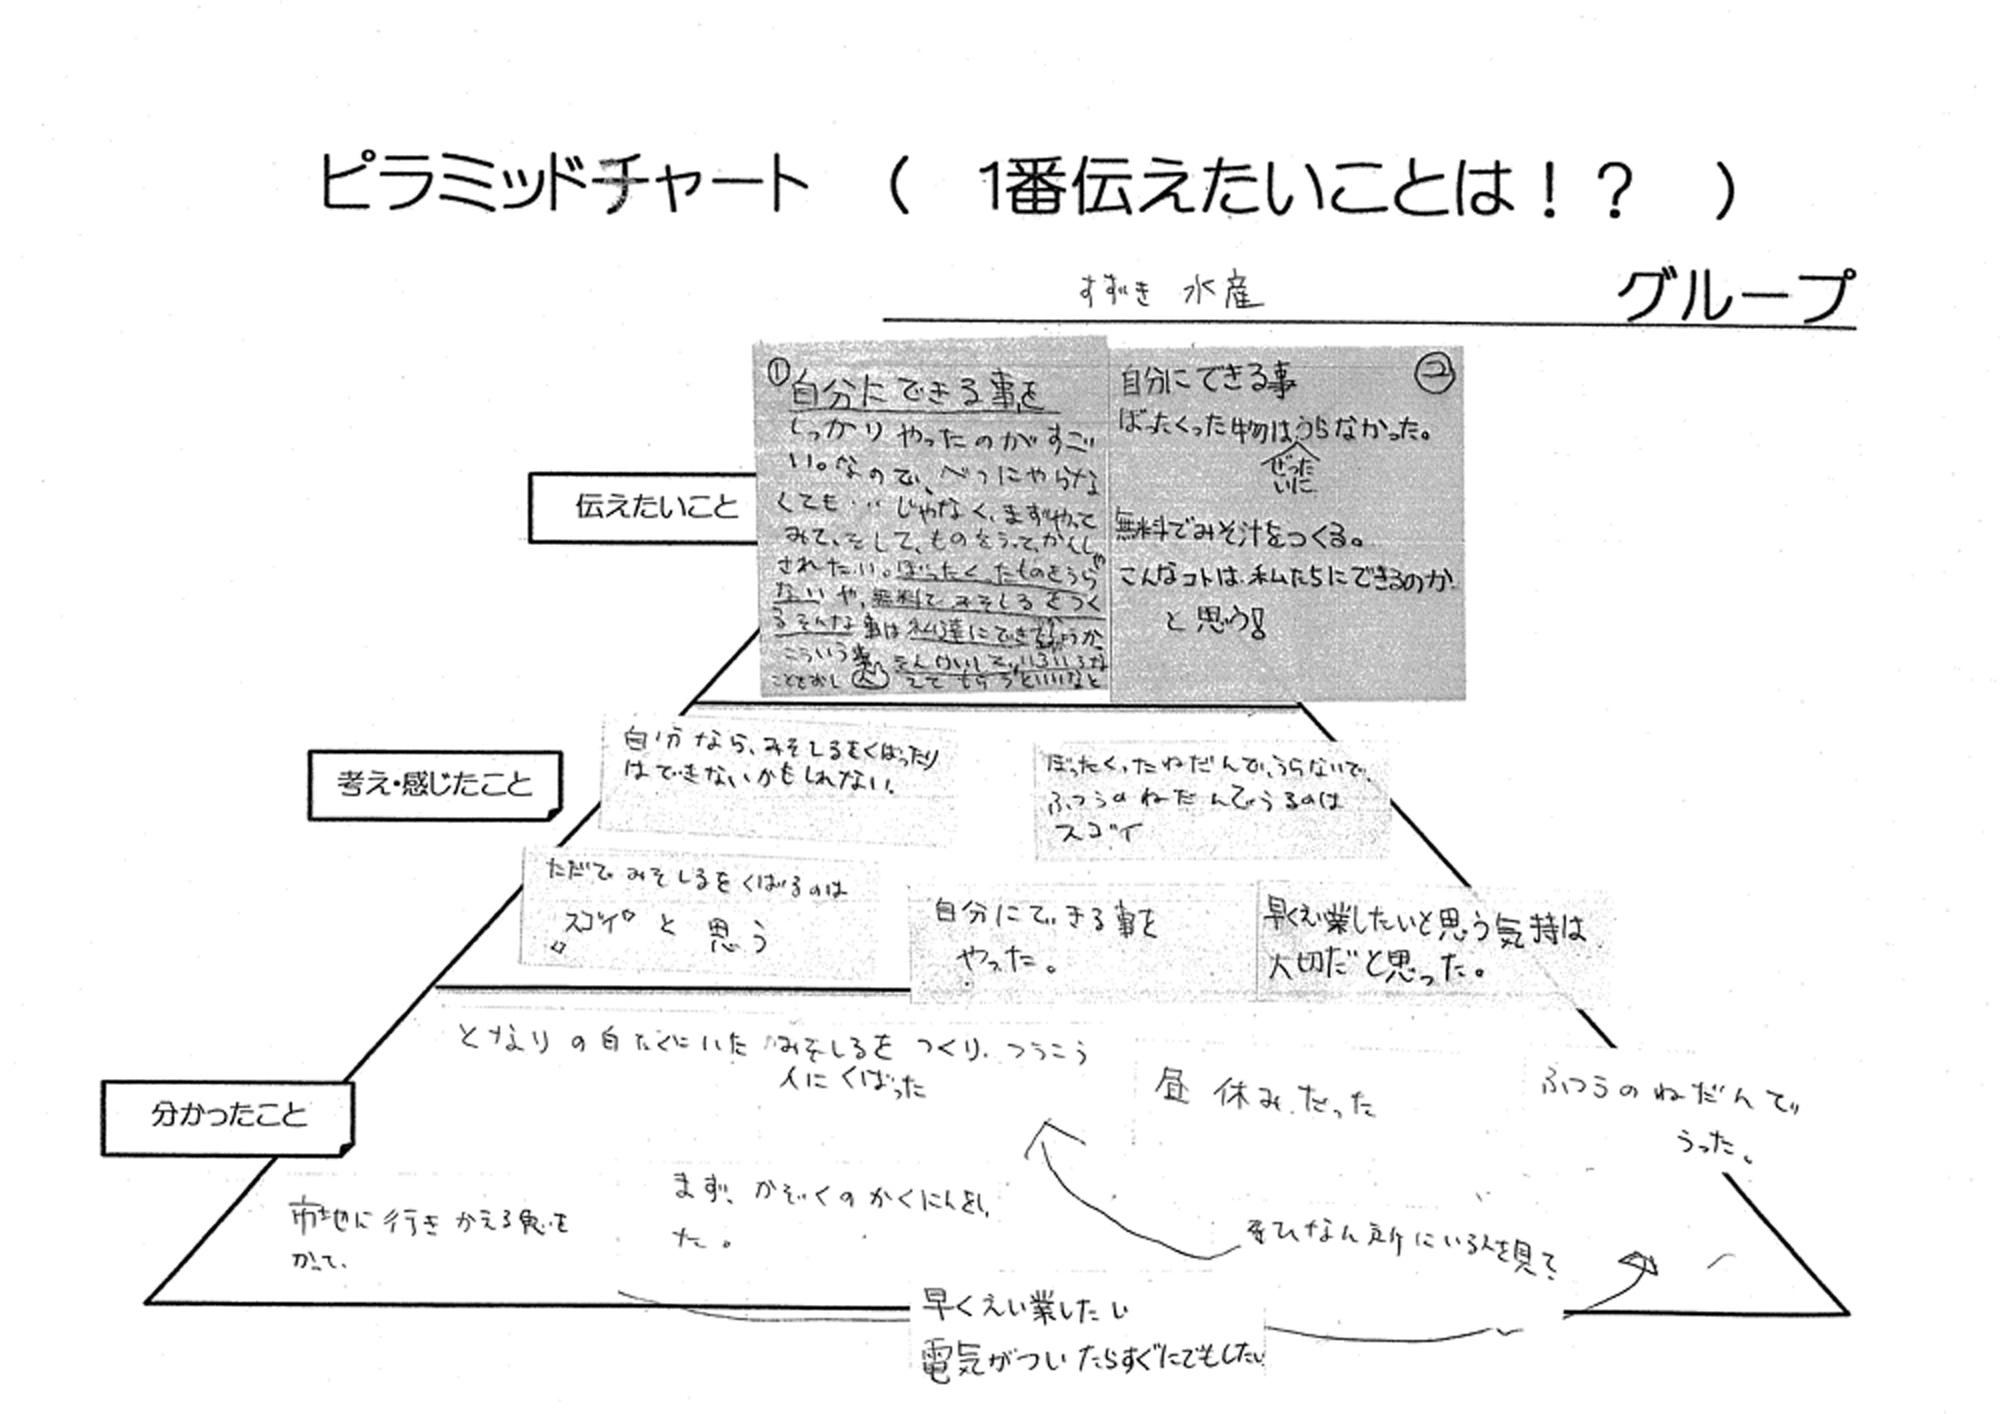 鈴木水産のピラミッドチャート